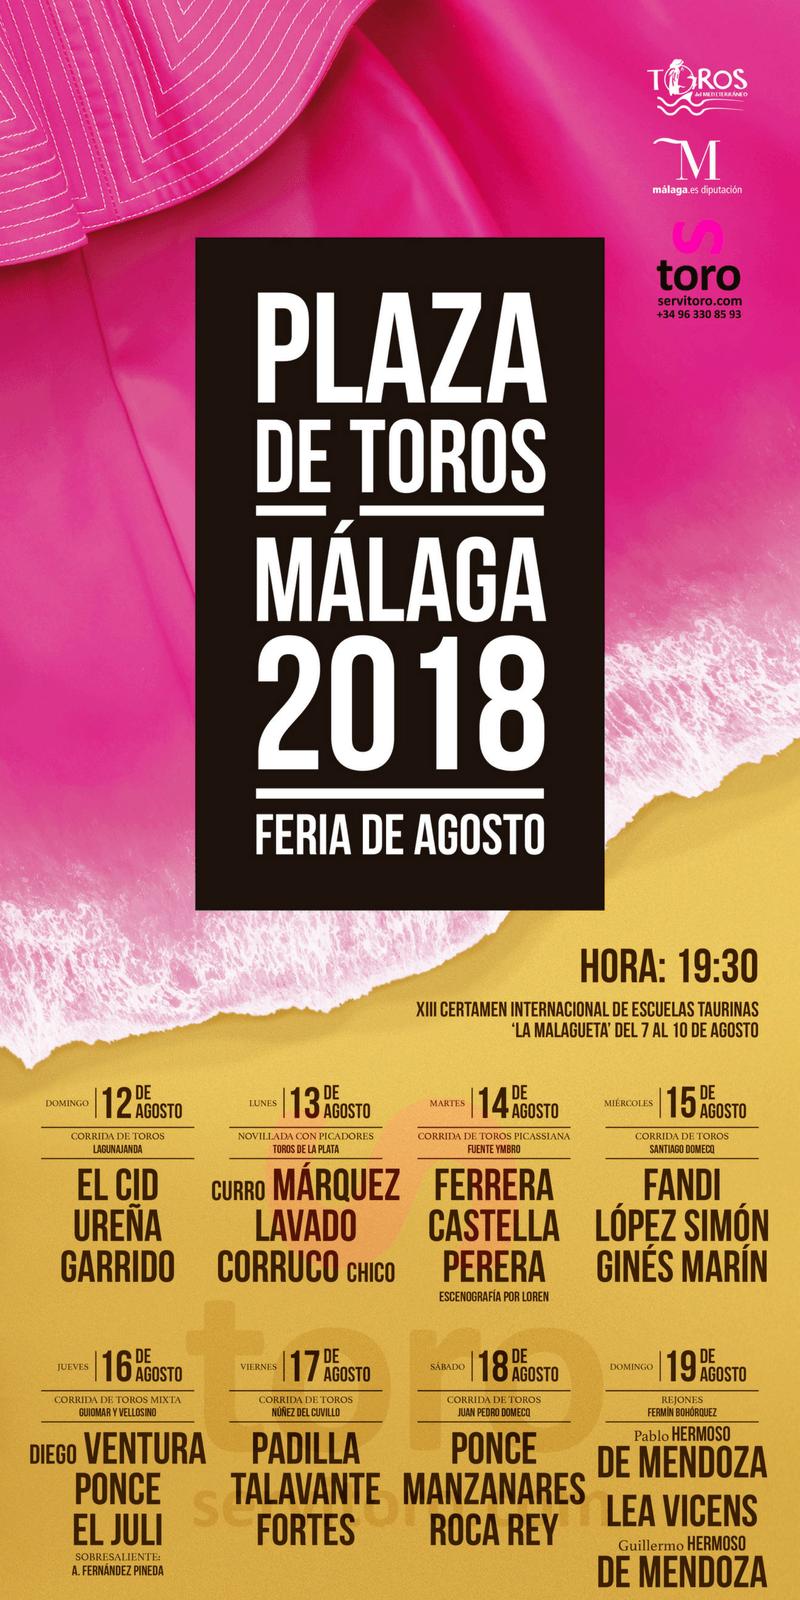 Málaga Bullfighting Fair